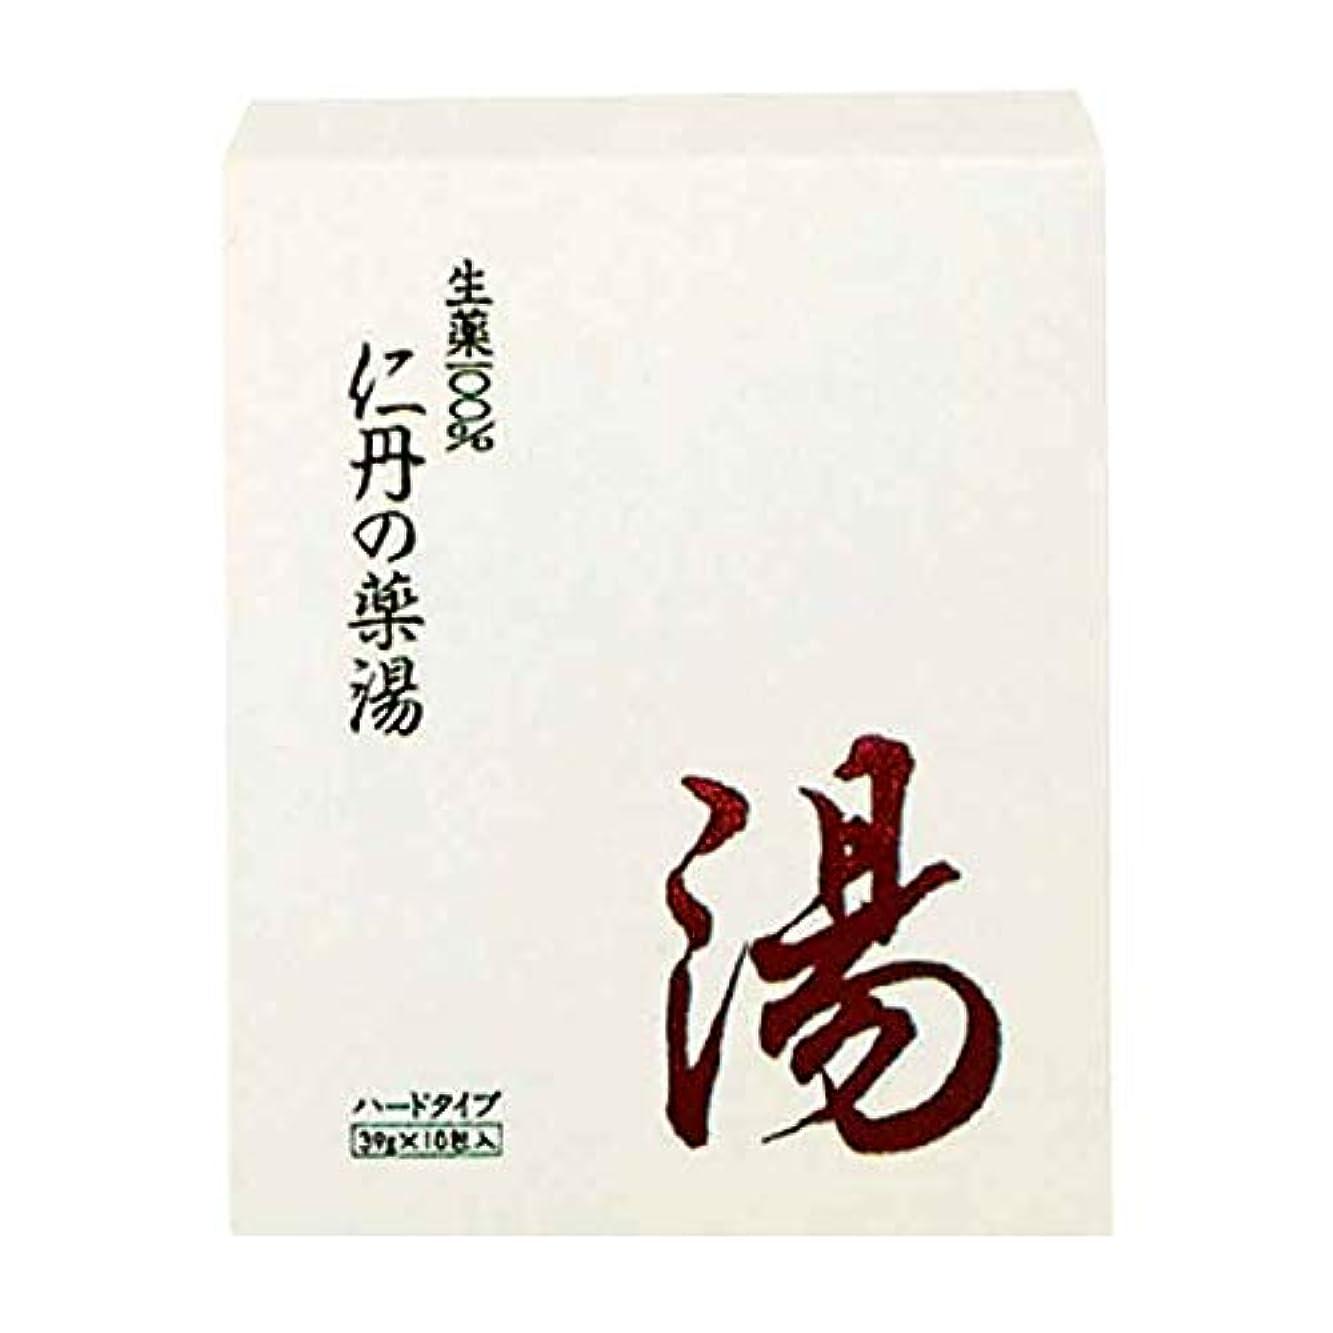 コンベンションワゴンコンベンション森下仁丹 仁丹の薬湯(ハード) 10包 [医薬部外品]